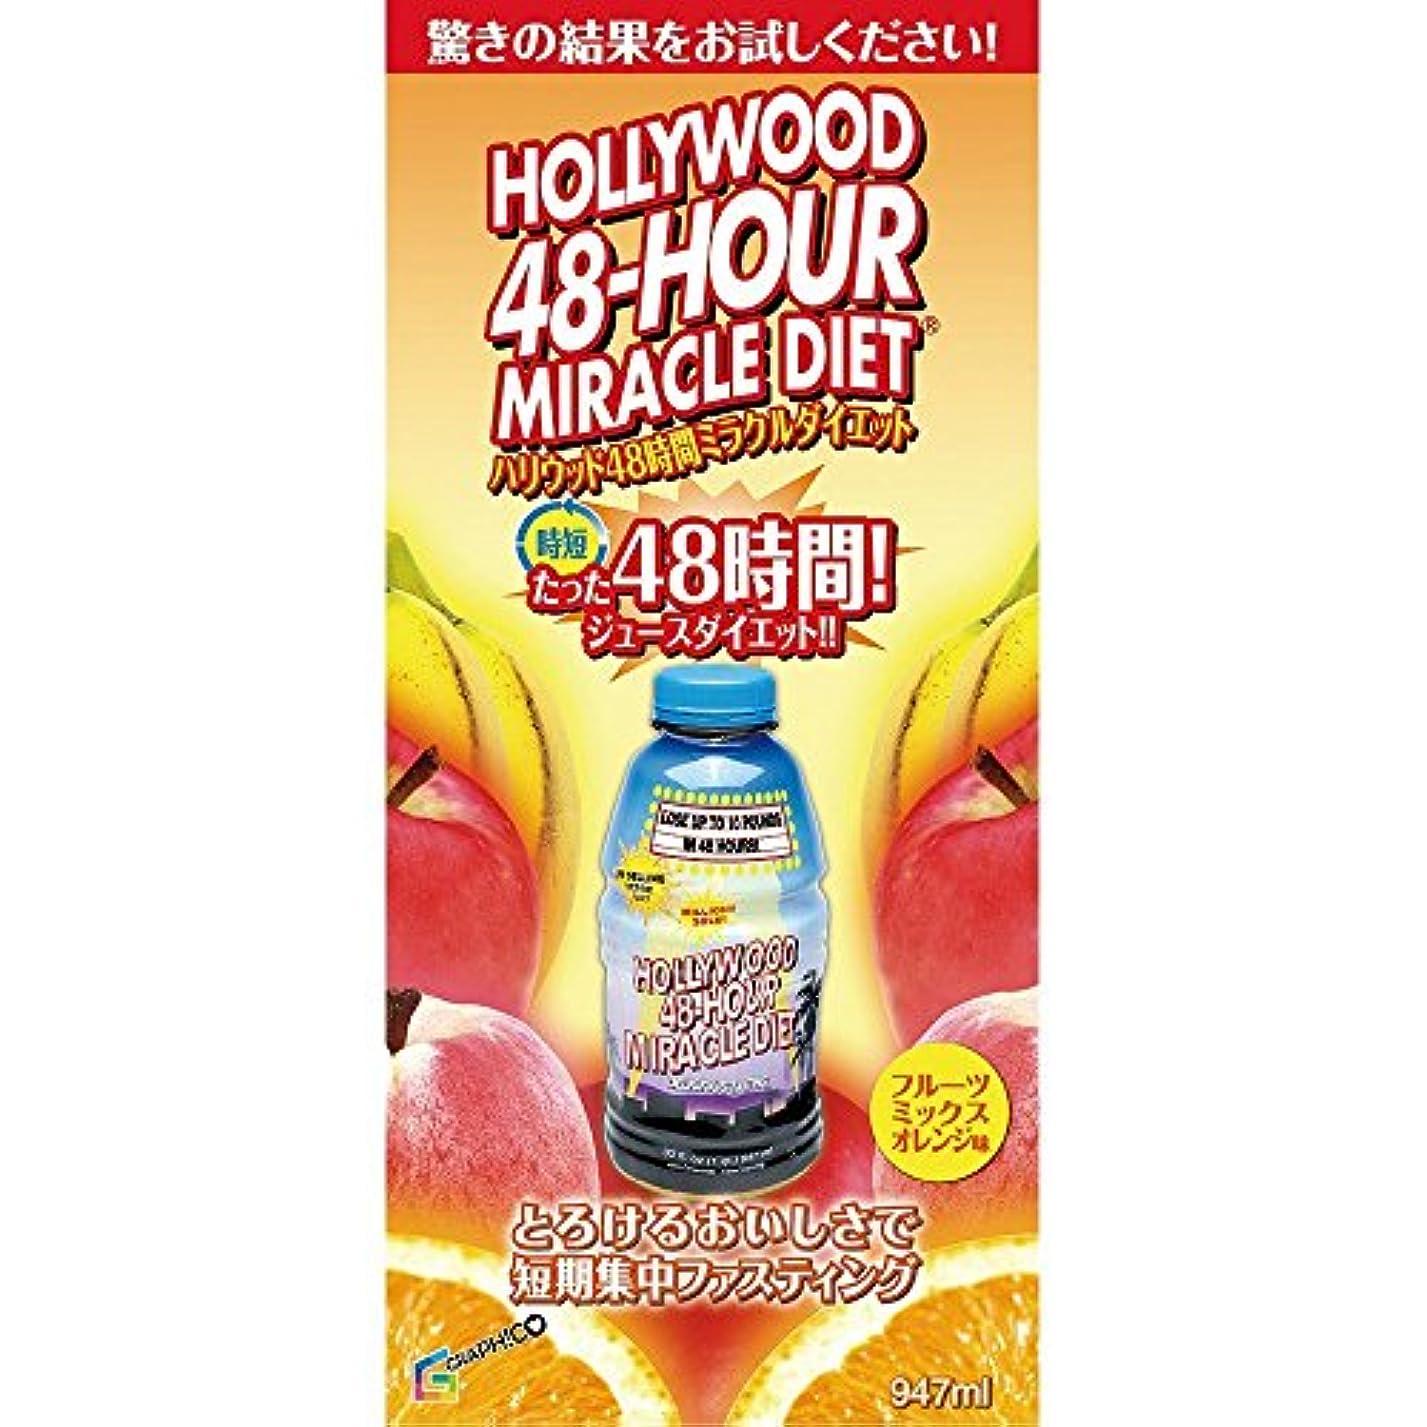 グローバル再編成する切るハリウッド48時間 ミラクルダイエット (フルーツミックスオレンジ味) 947ml